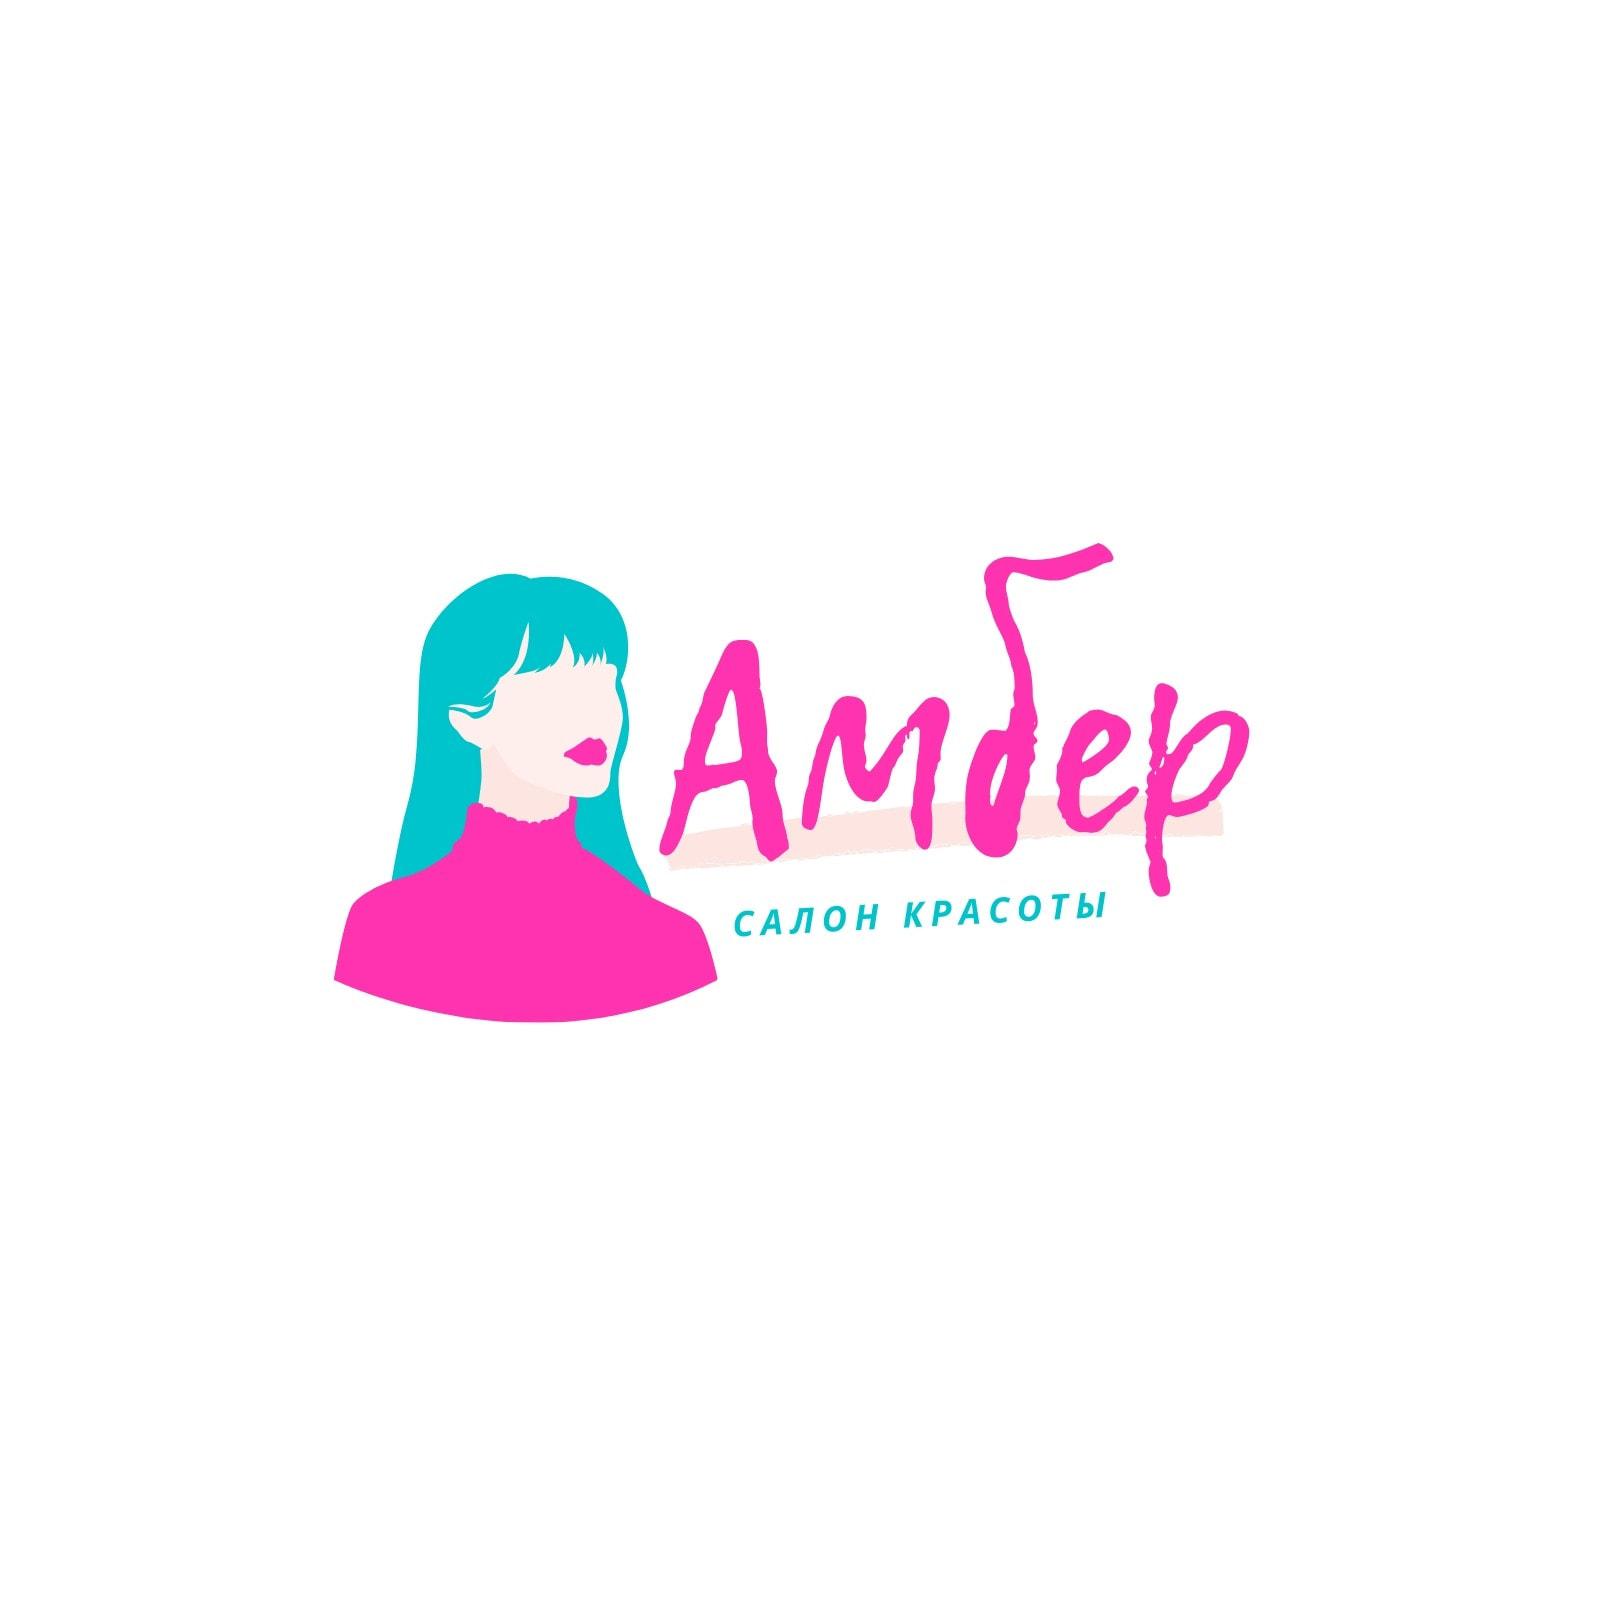 Розово-голубой логотип с силуэтом девушки